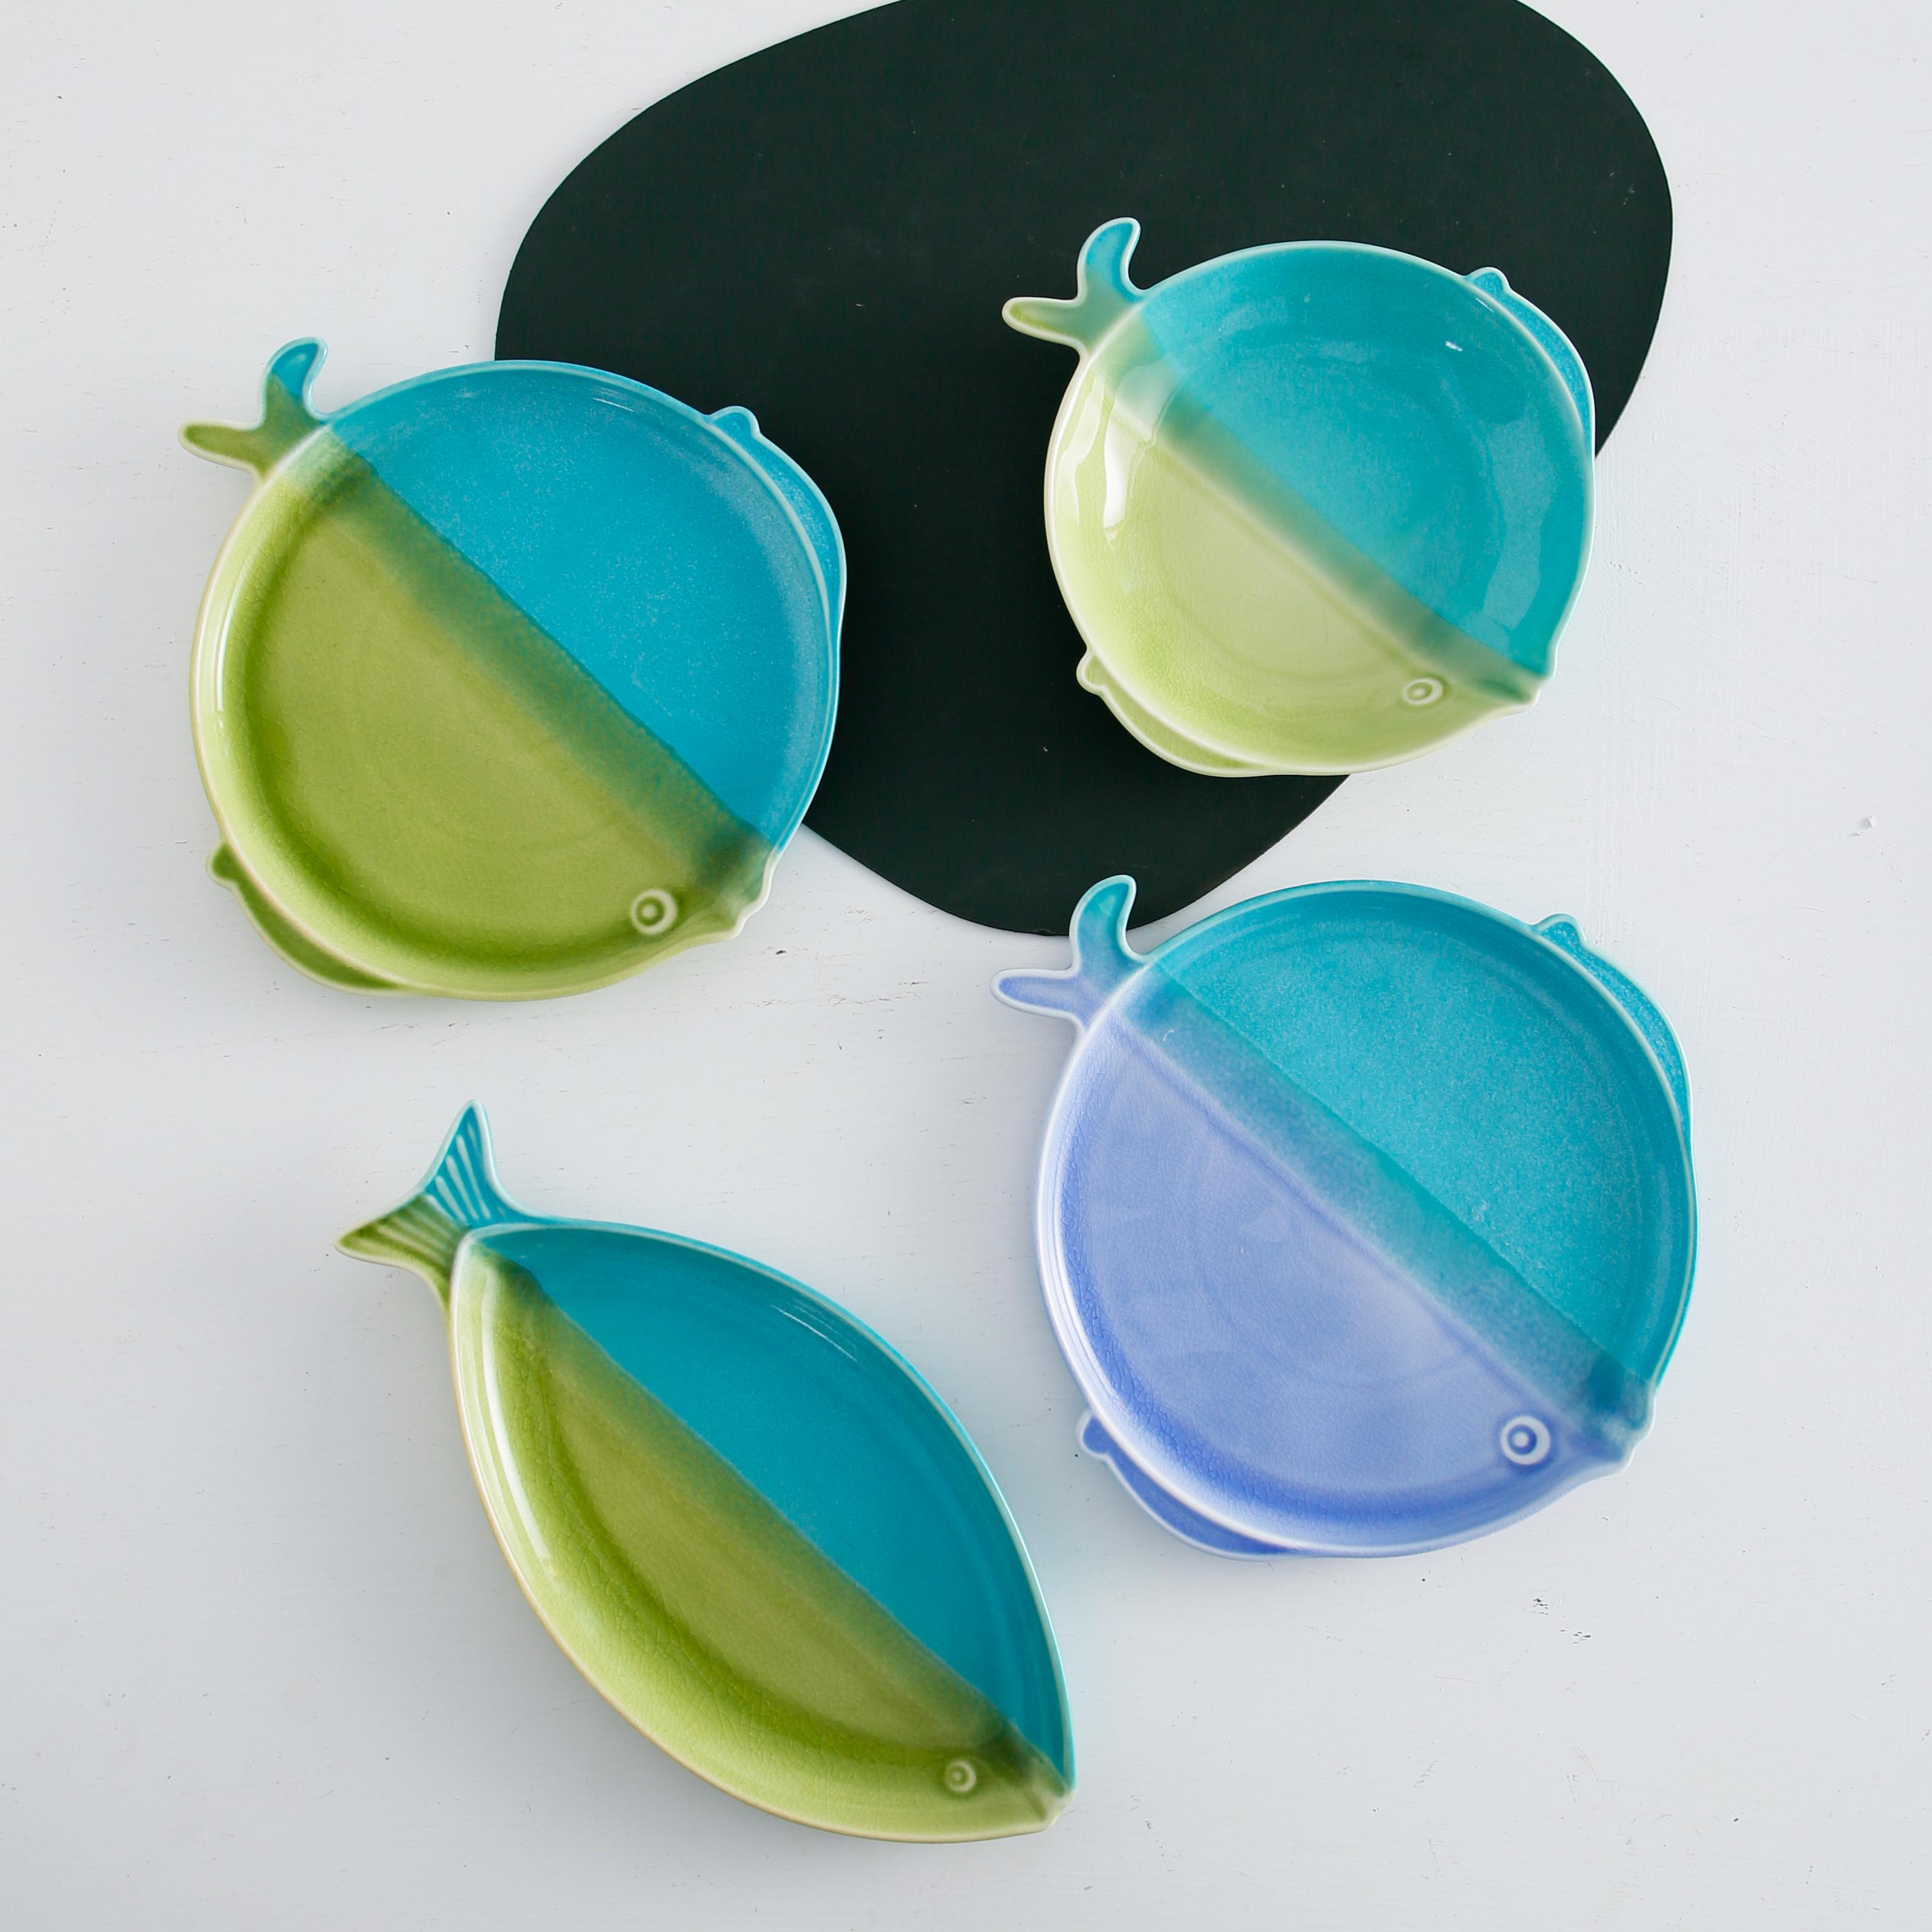 Fancy design China suppliers decorative colors reactive glaze fish shape ceramic plates serving plate porcelain